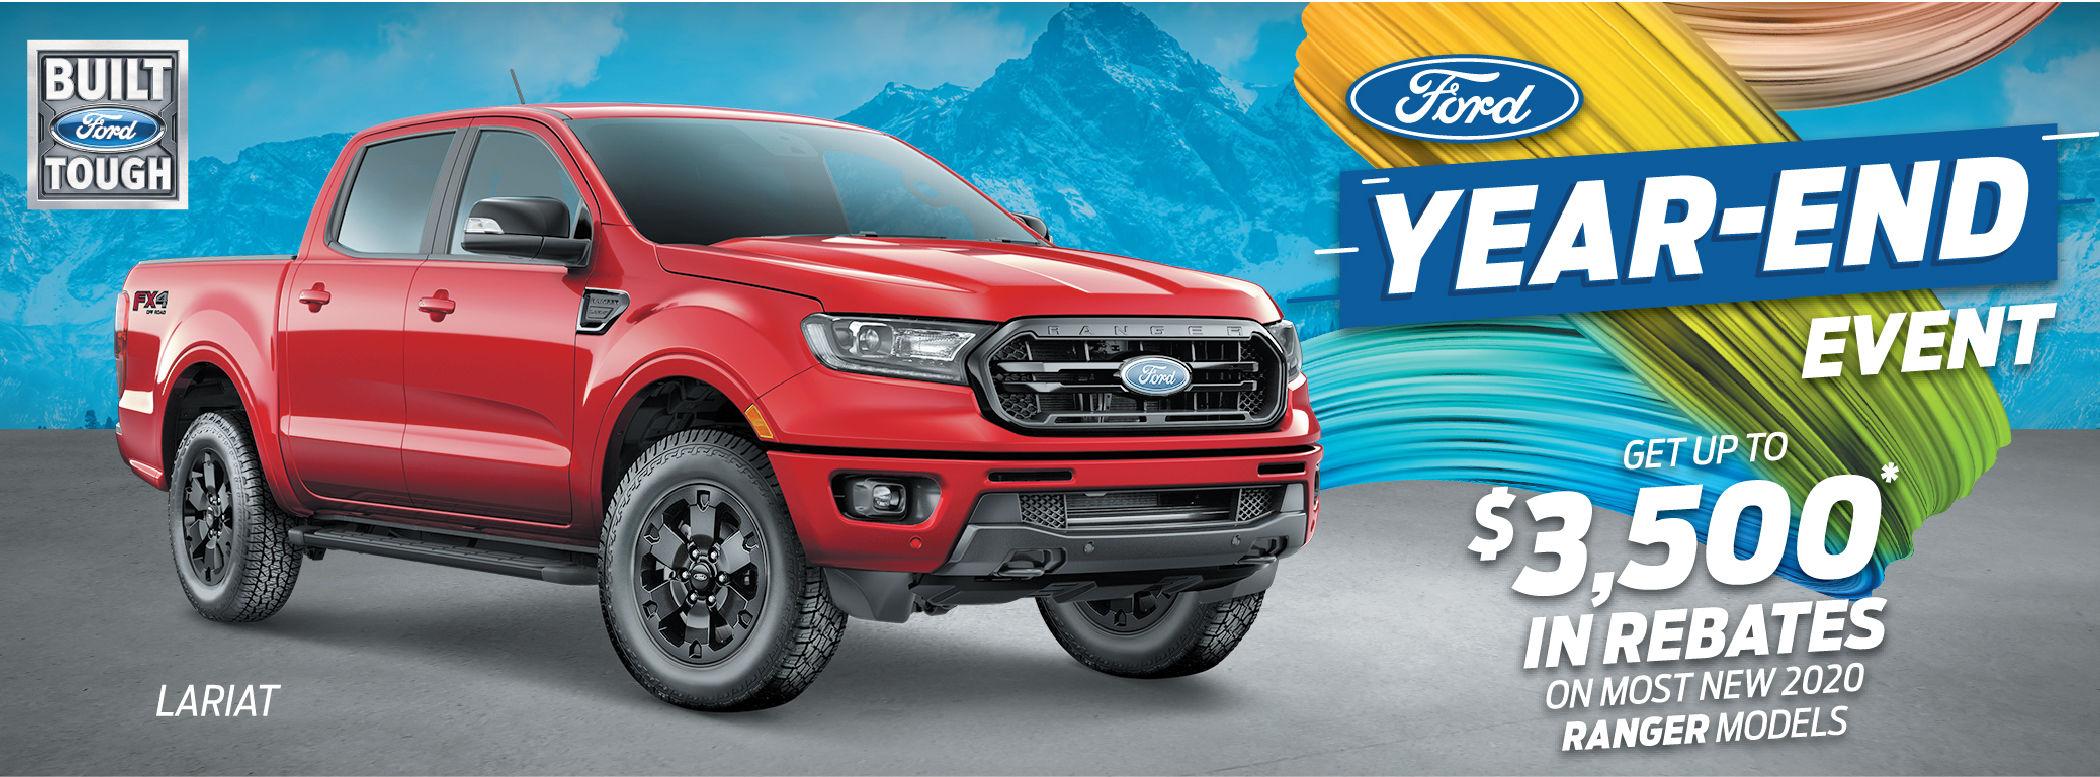 2020 new Ford ranger